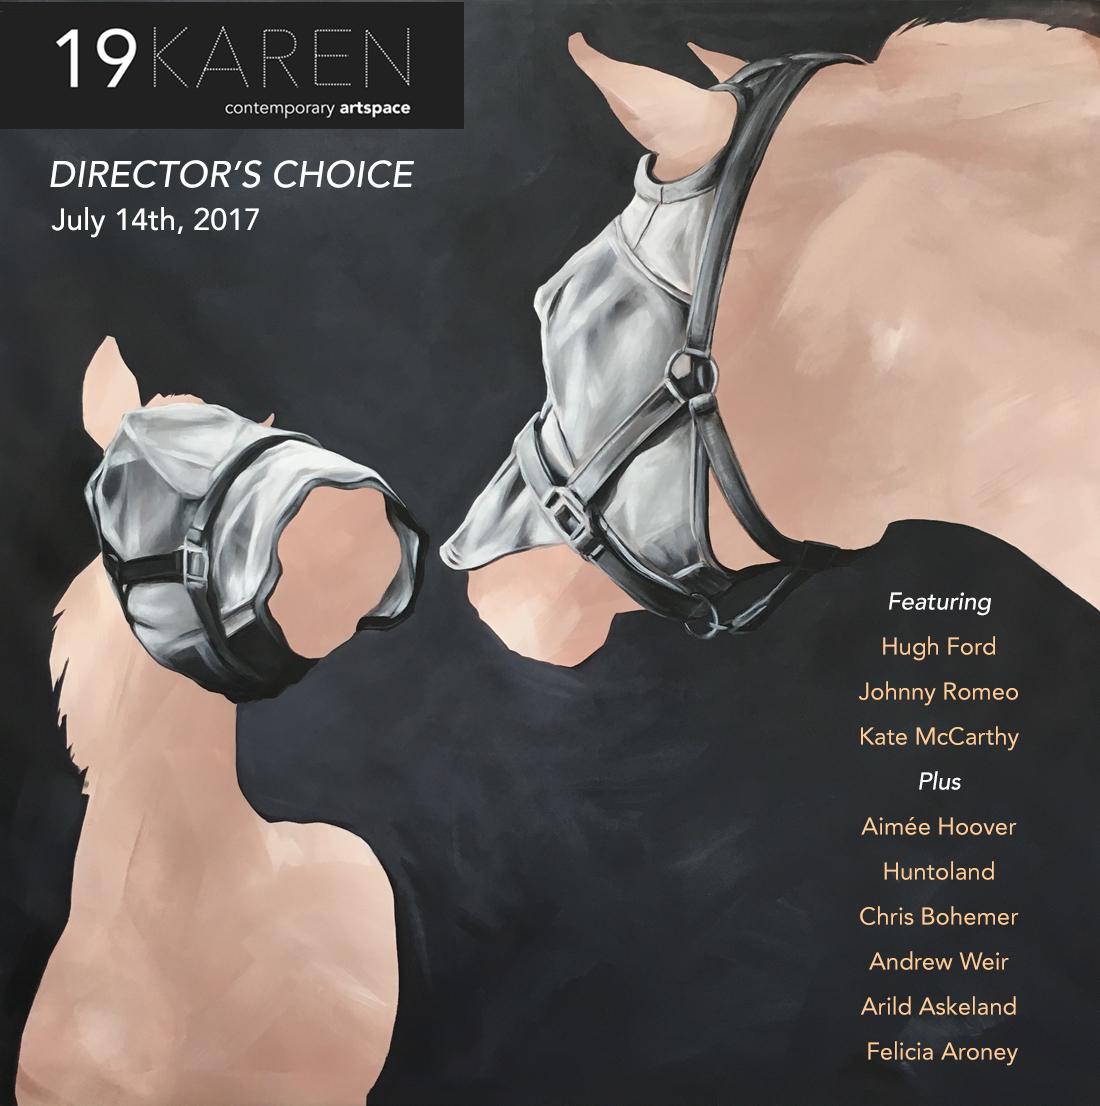 Director's Choice Exhibition - July 201719KAREN ArtspaceAustralia19karengallery.com